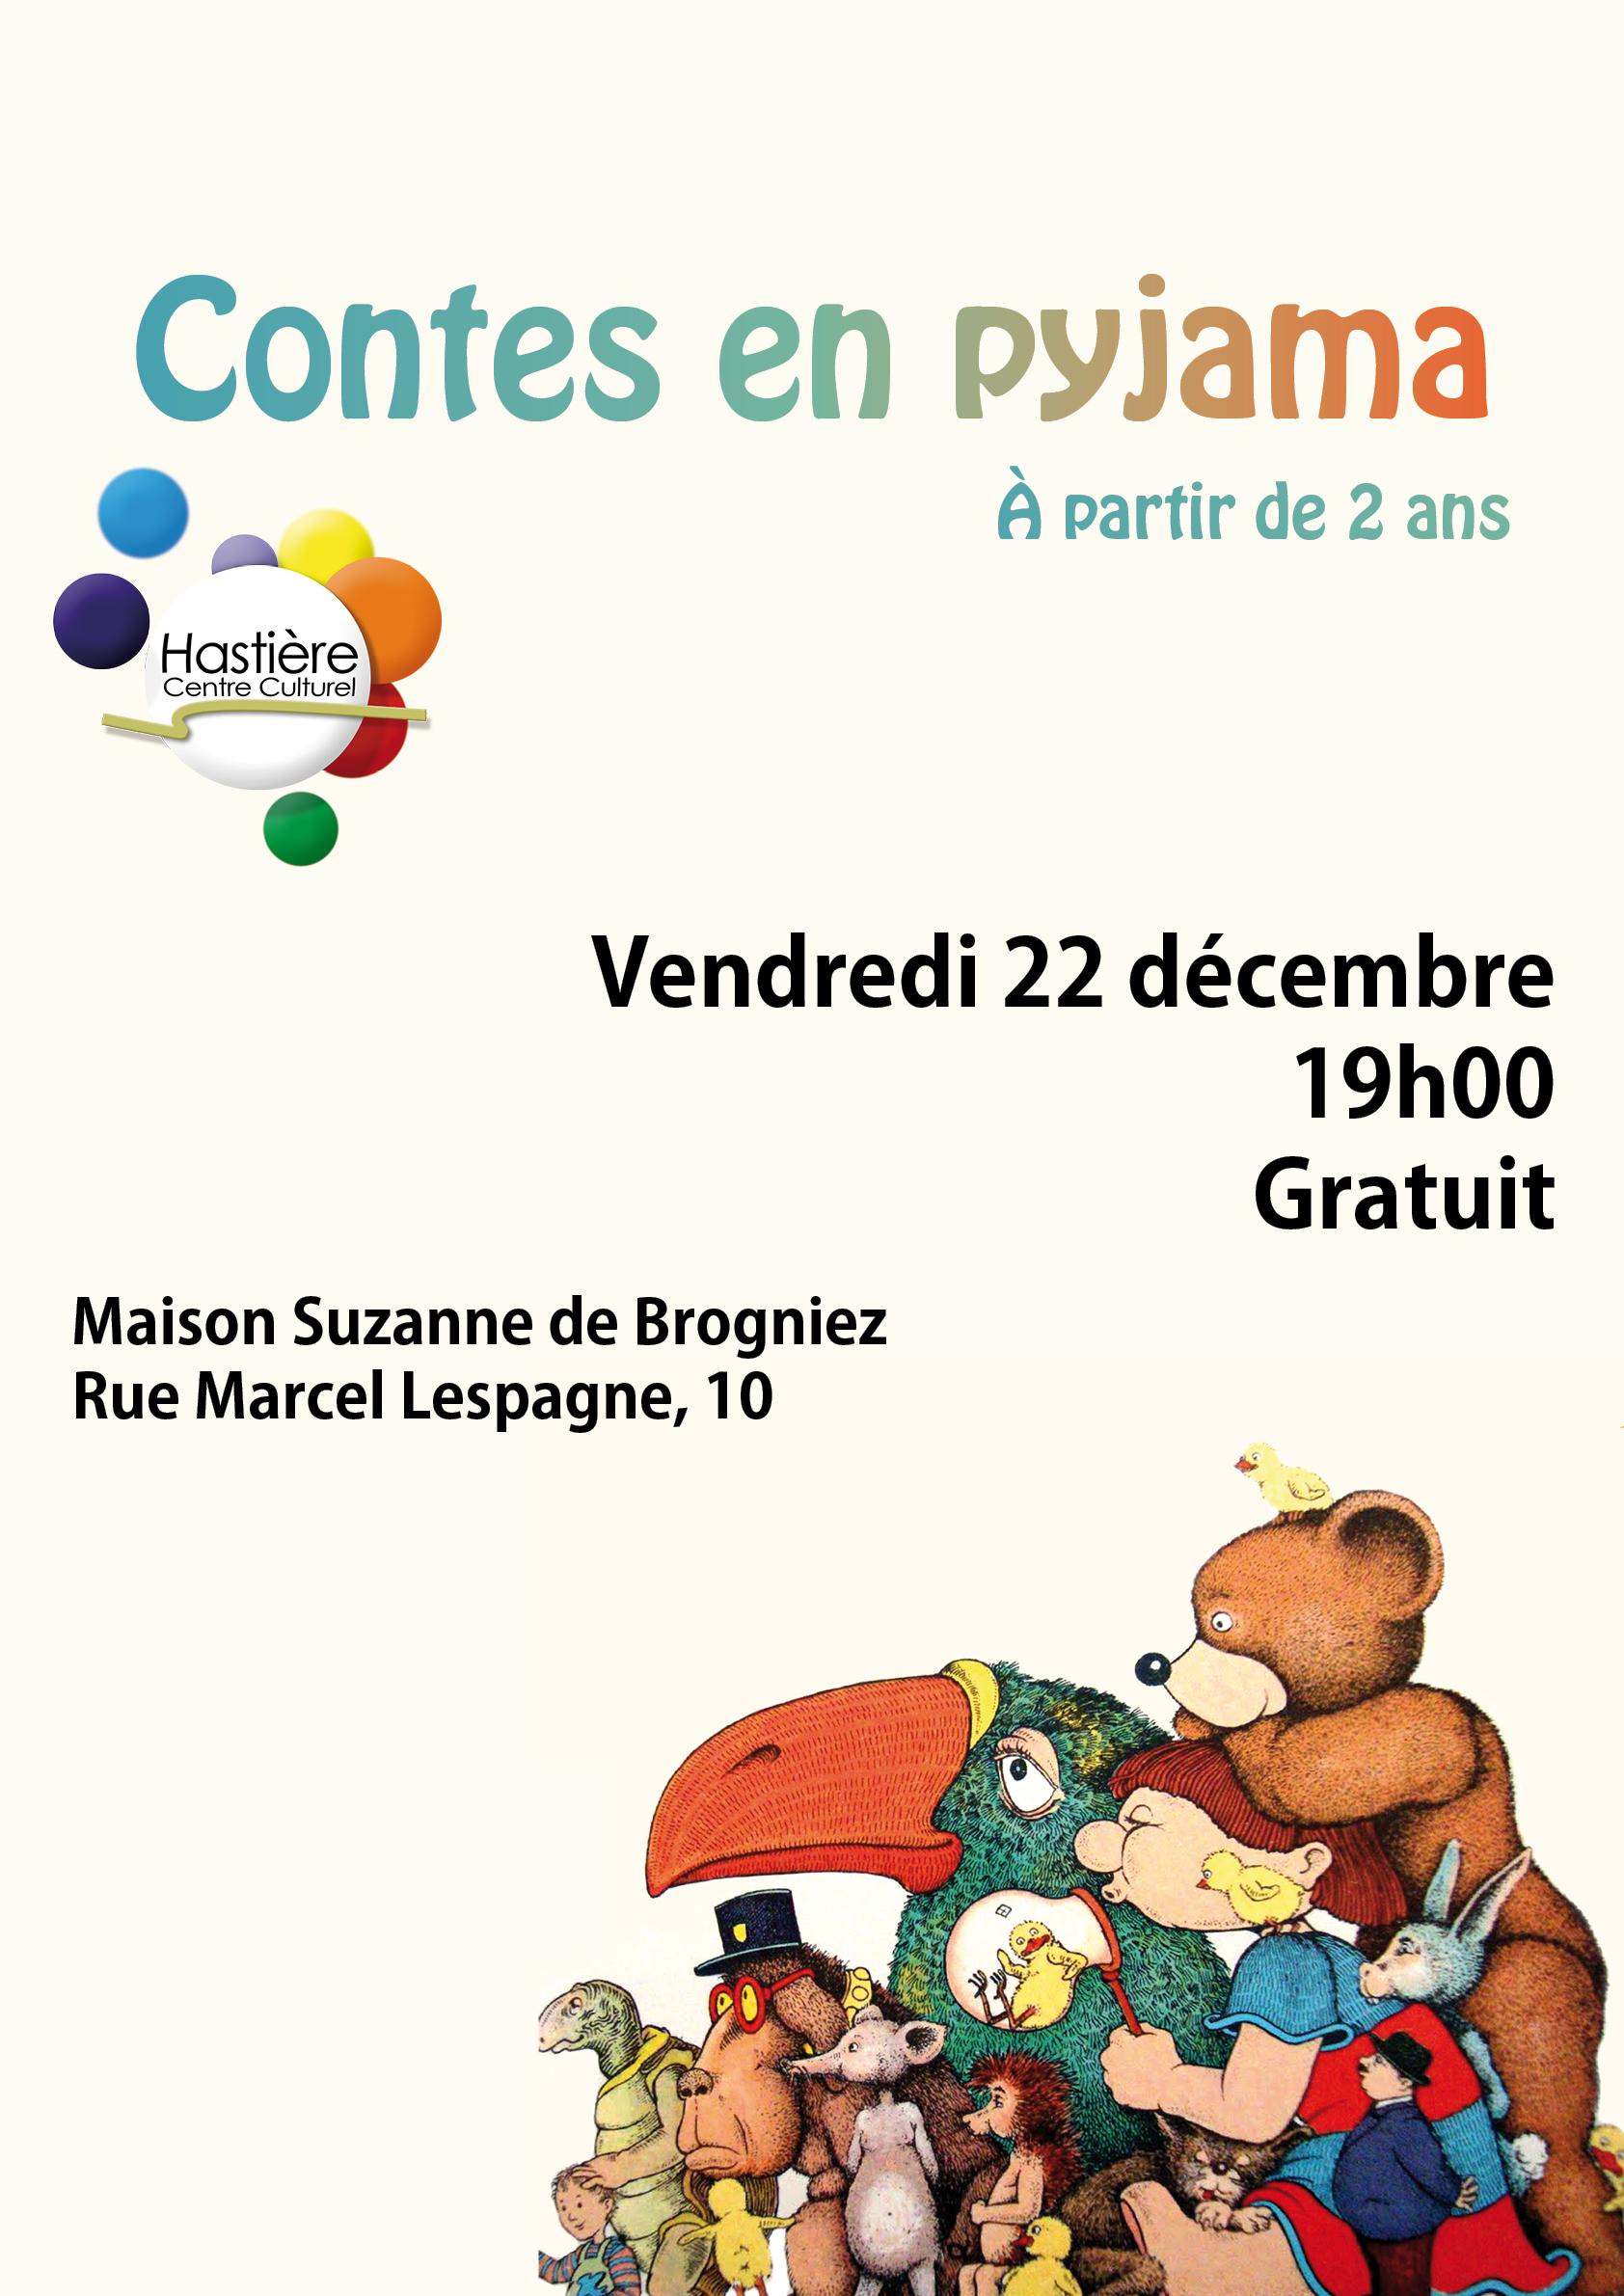 Contes en pyjama @ Centre culturel  | Hastière | Wallonie | Belgique